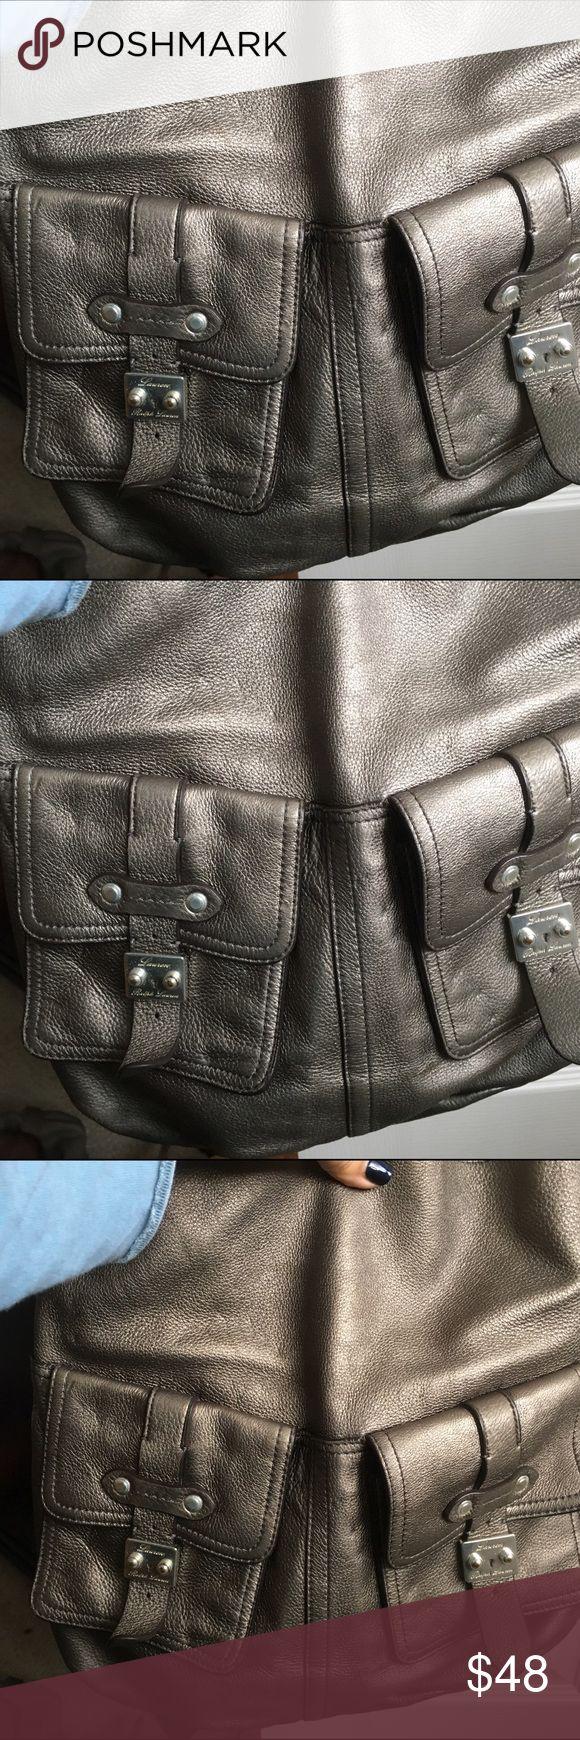 Ralph Lauren silver shoulder bag Nice shoulder bag in neutral silver color. Two pockets outside.   Love this bag Ralph Lauren Bags Shoulder Bags